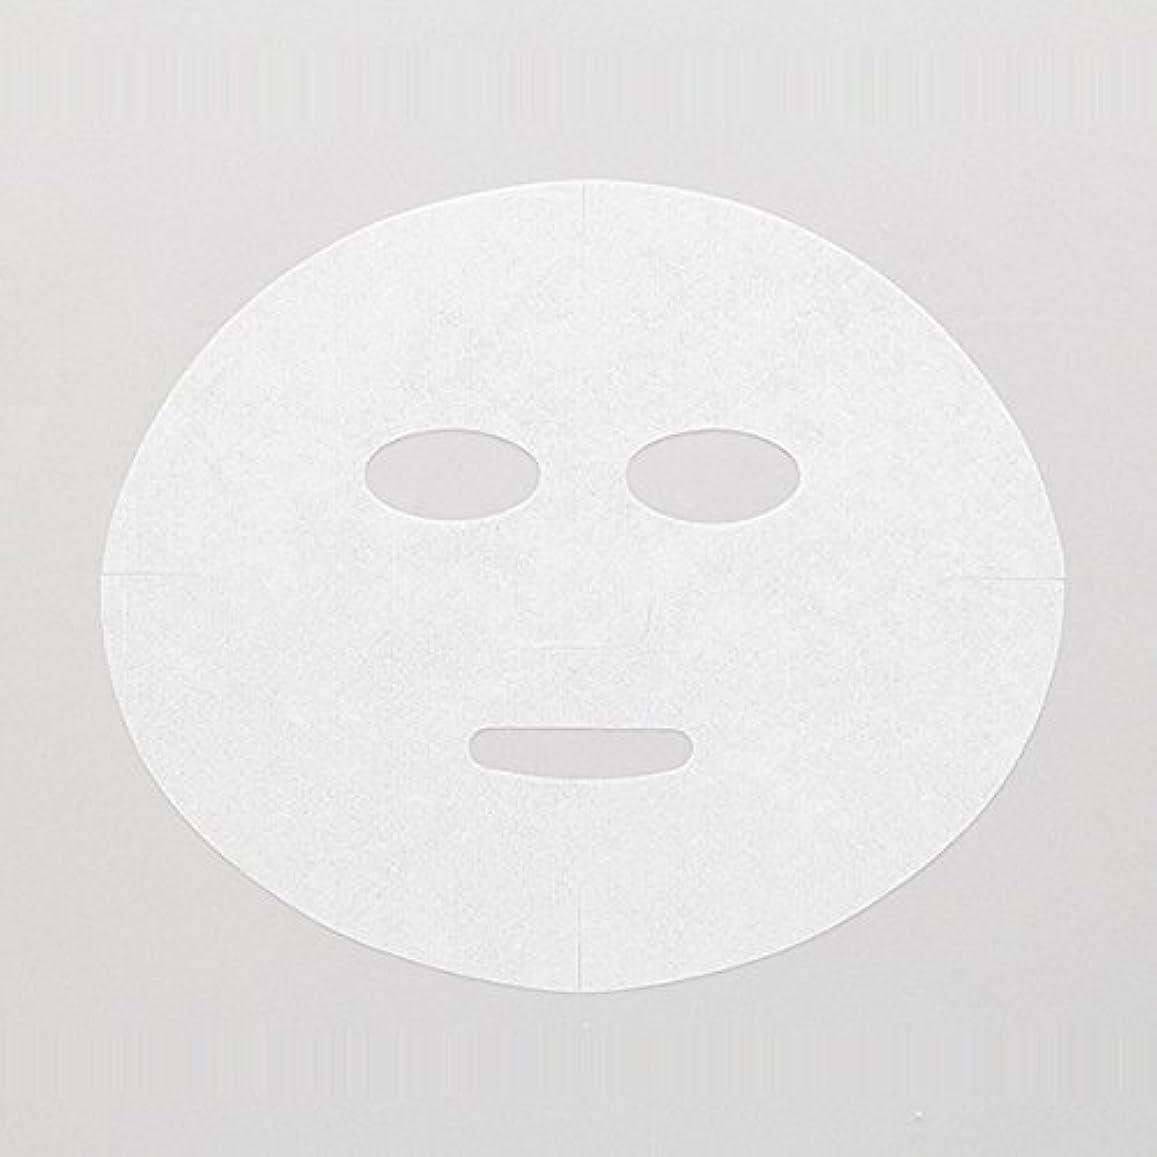 補助金権威気候高保水 フェイシャルシート (マスクタイプ 化粧水無) 80枚 24×20cm [ フェイスマスク フェイスシート フェイスパック フェイシャルマスク シートマスク フェイシャルシート フェイシャルパック ローションマスク ローションパック ]